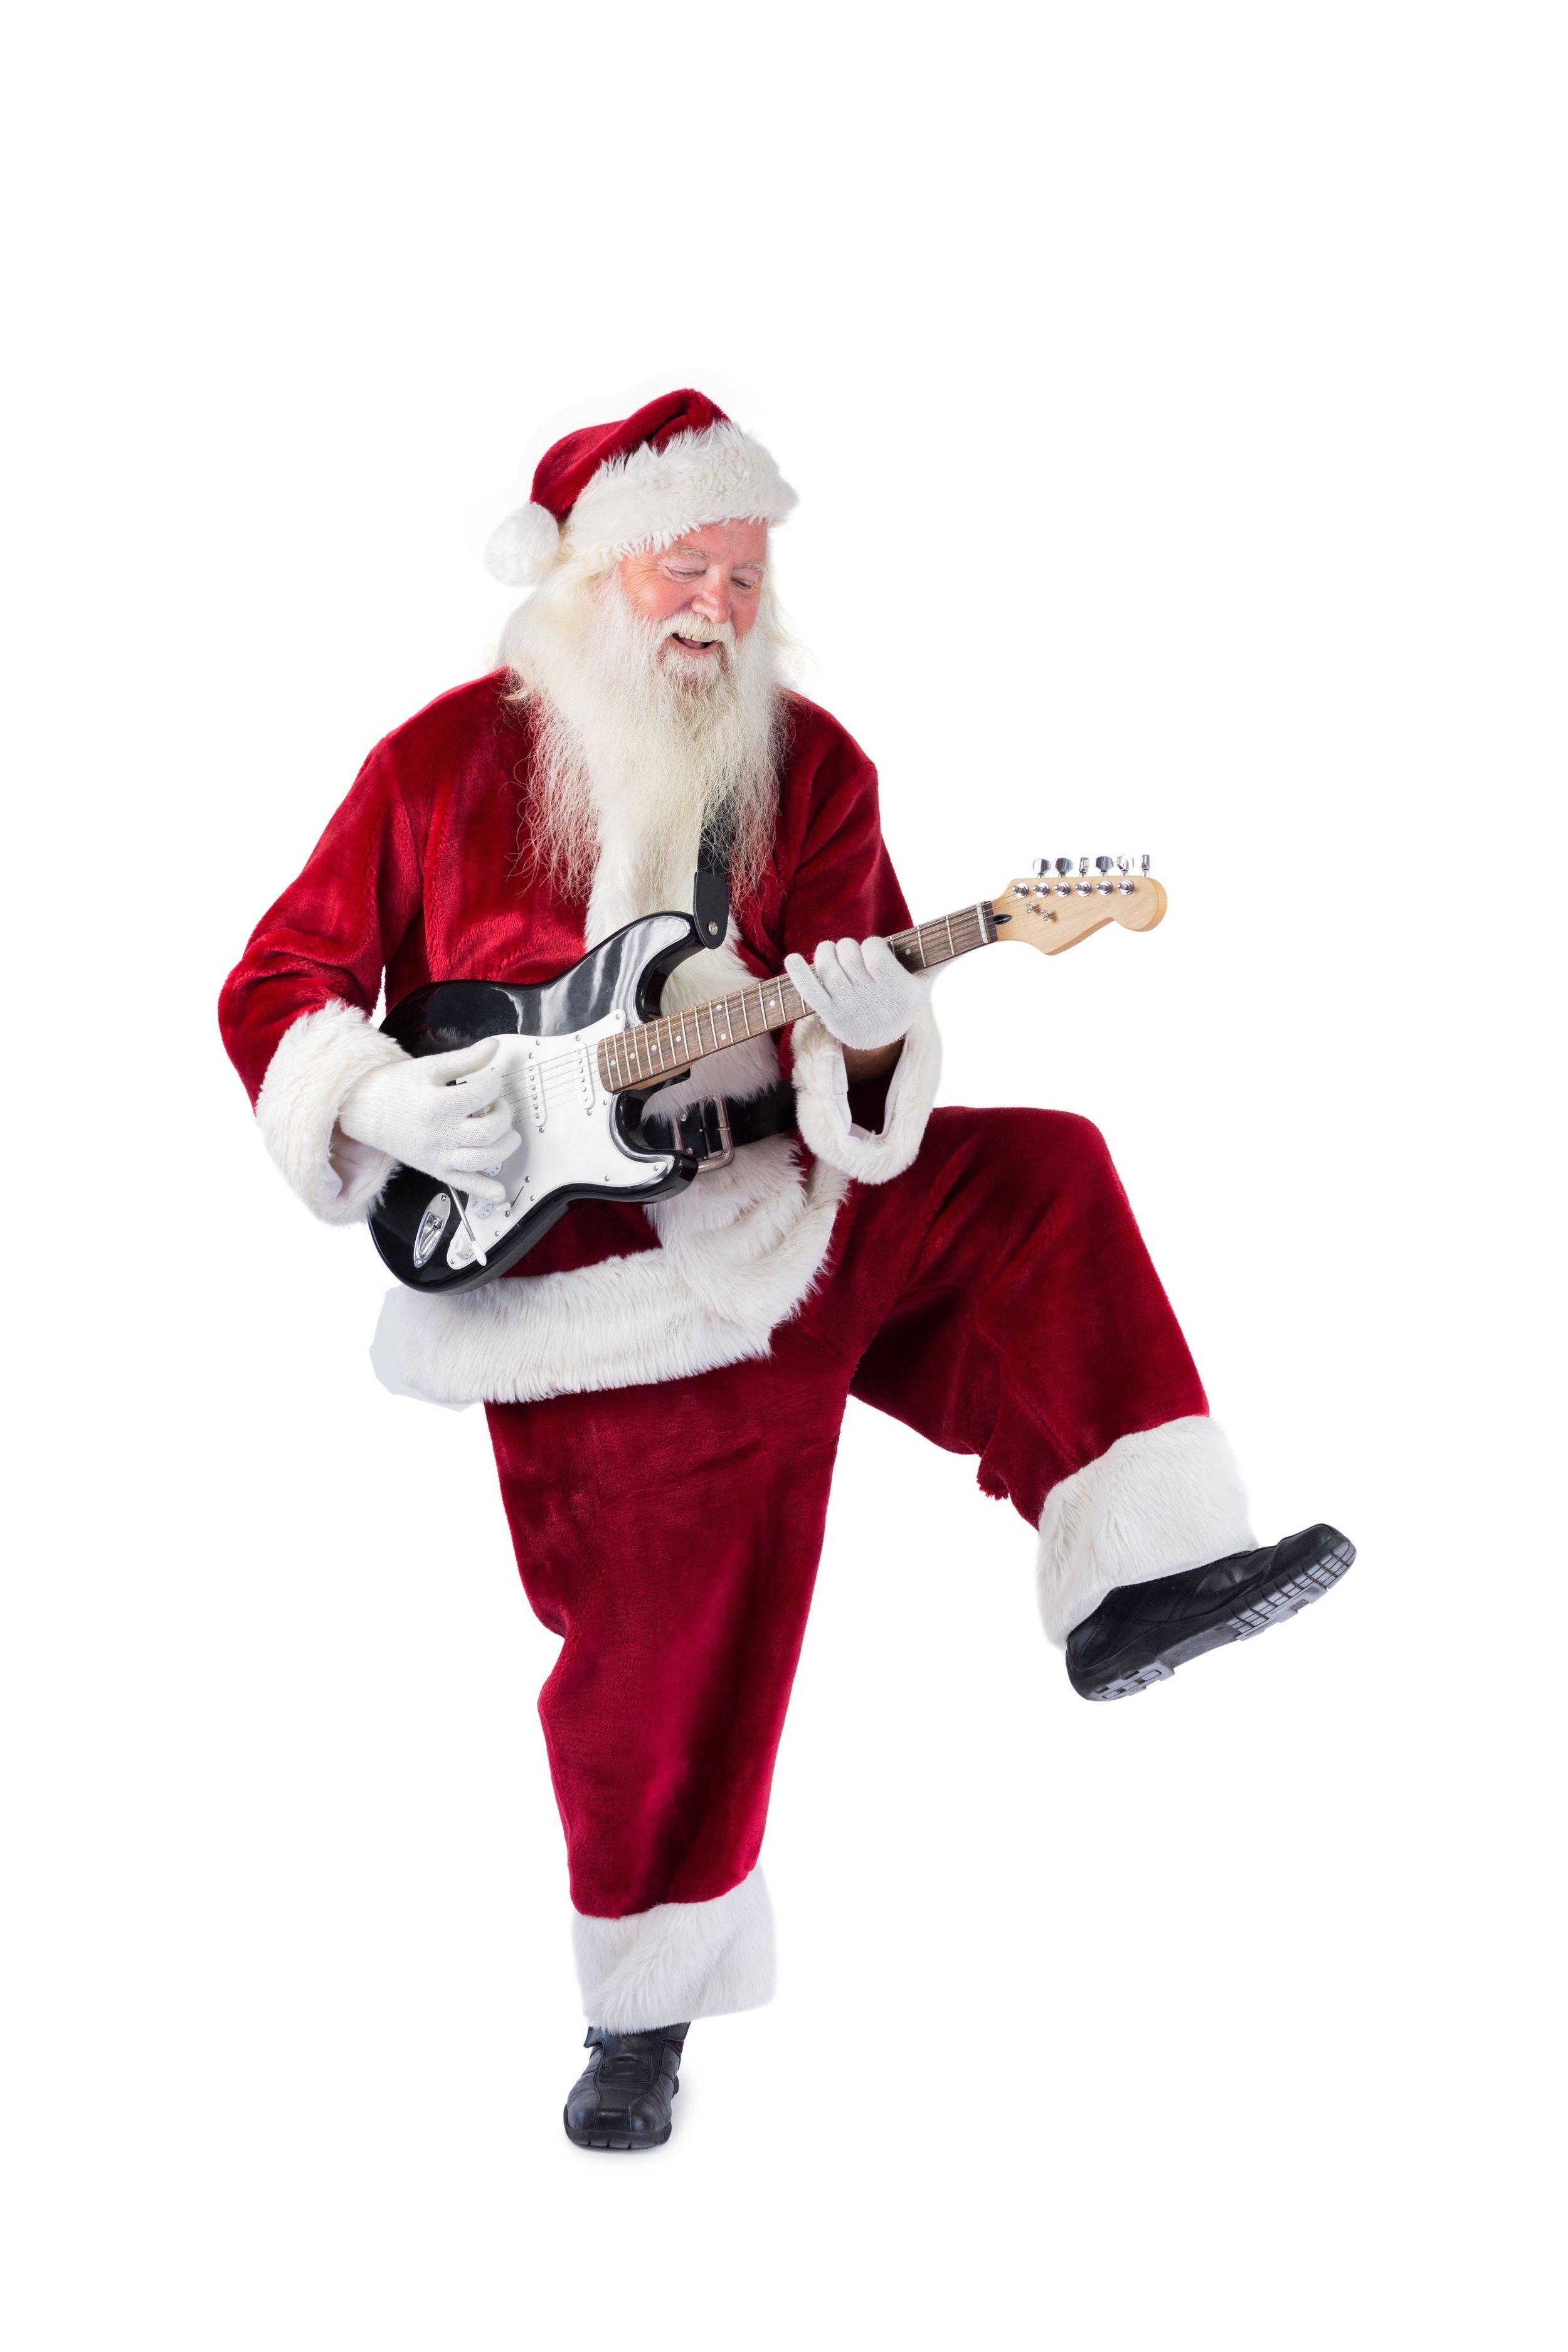 Santa Claus has fun with a guitar